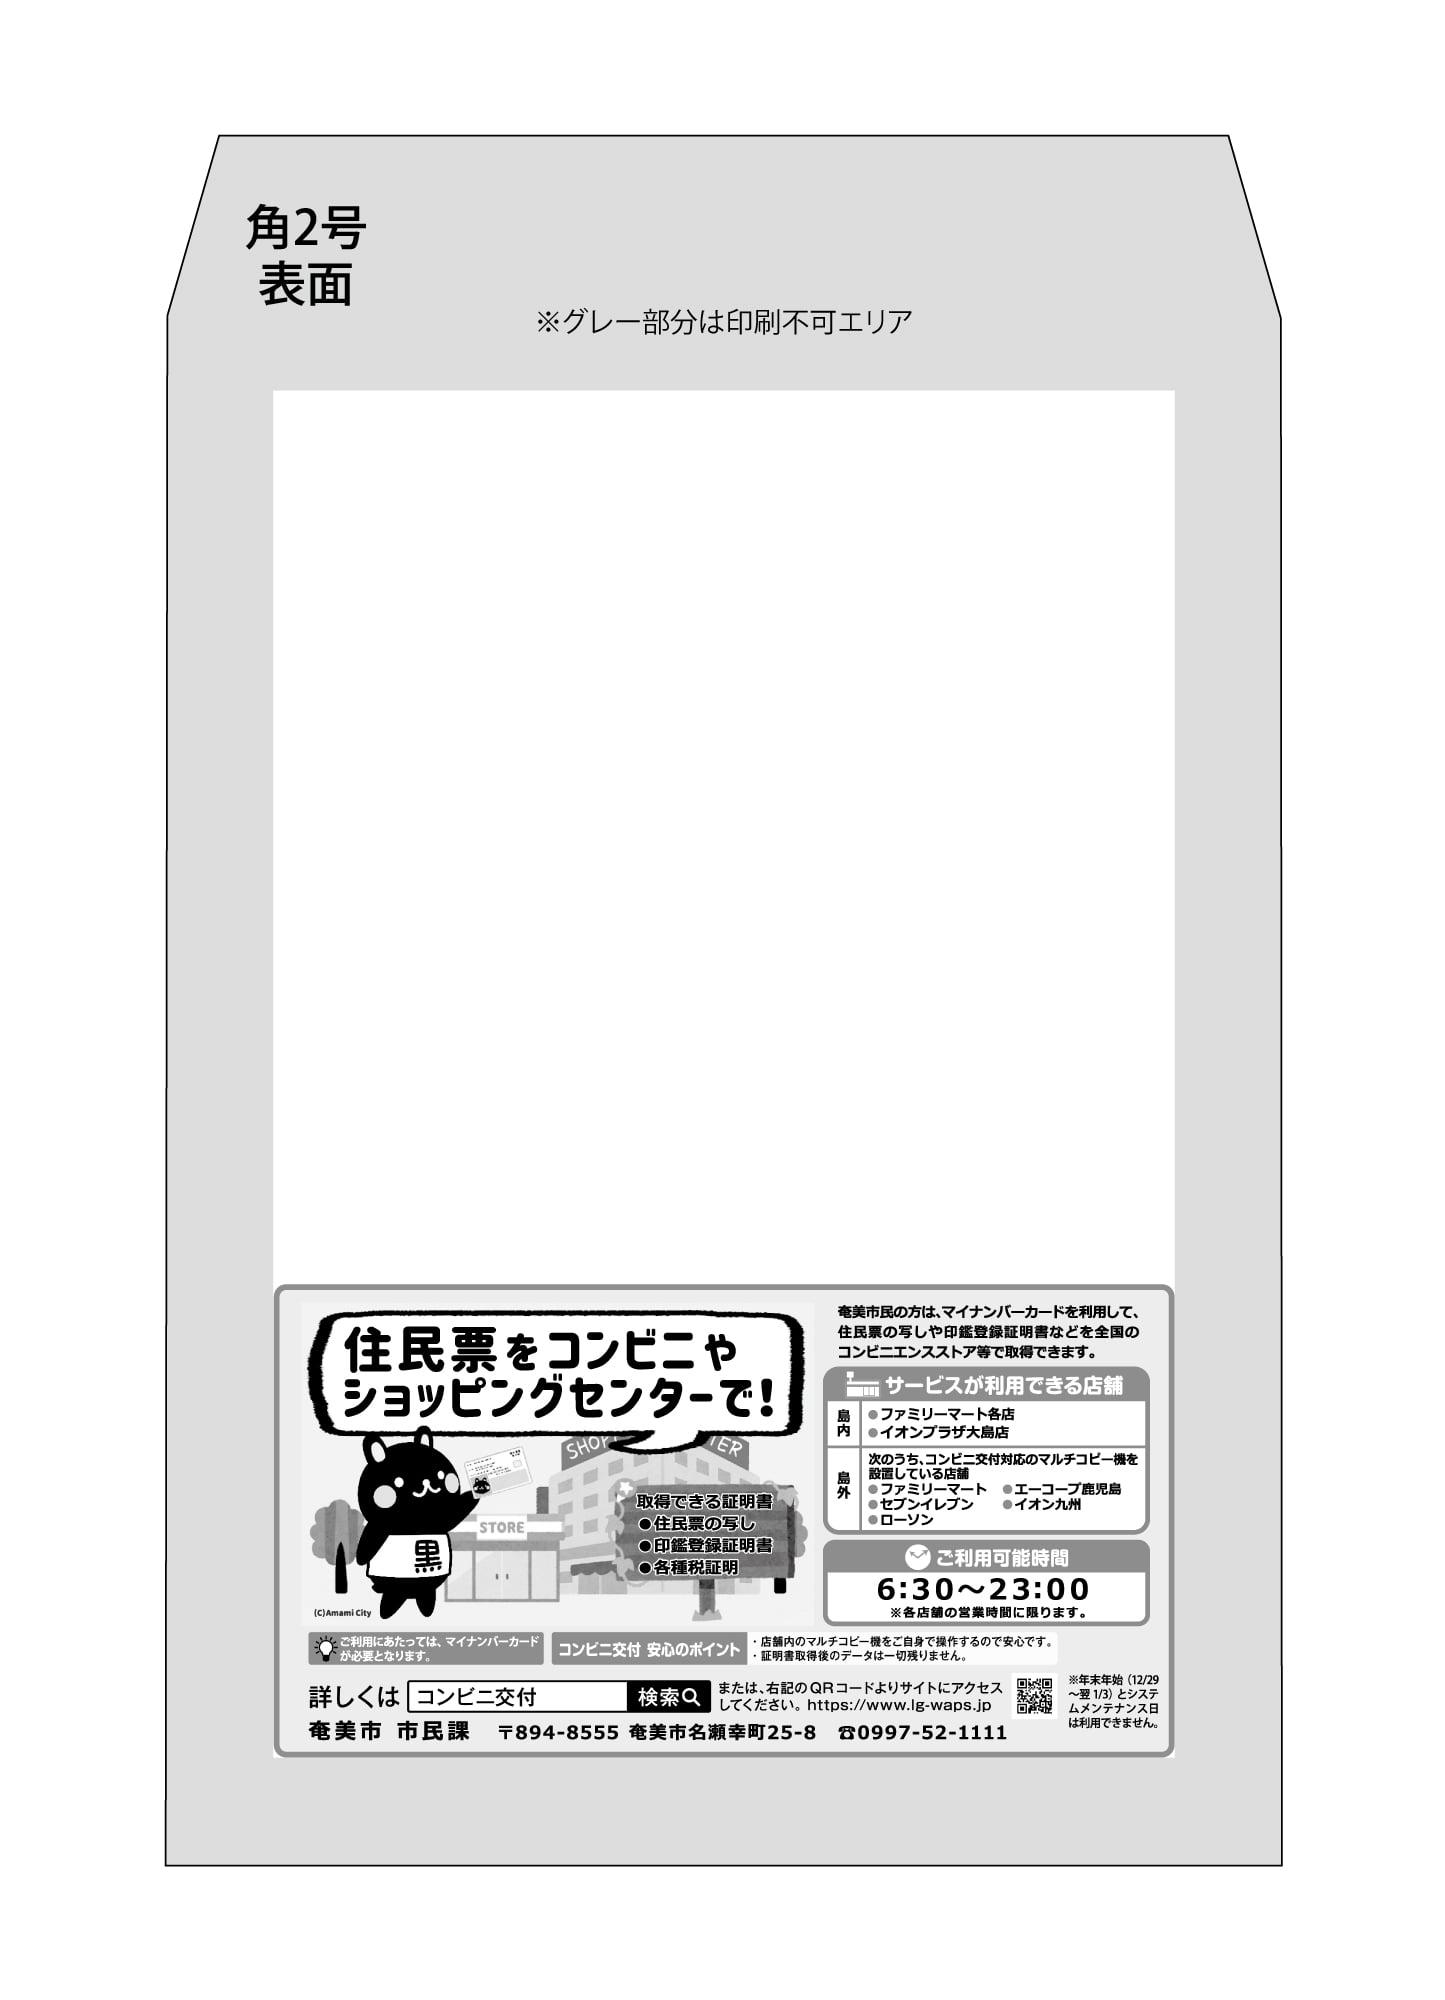 奄美市応援封筒 令和2年度4期 表